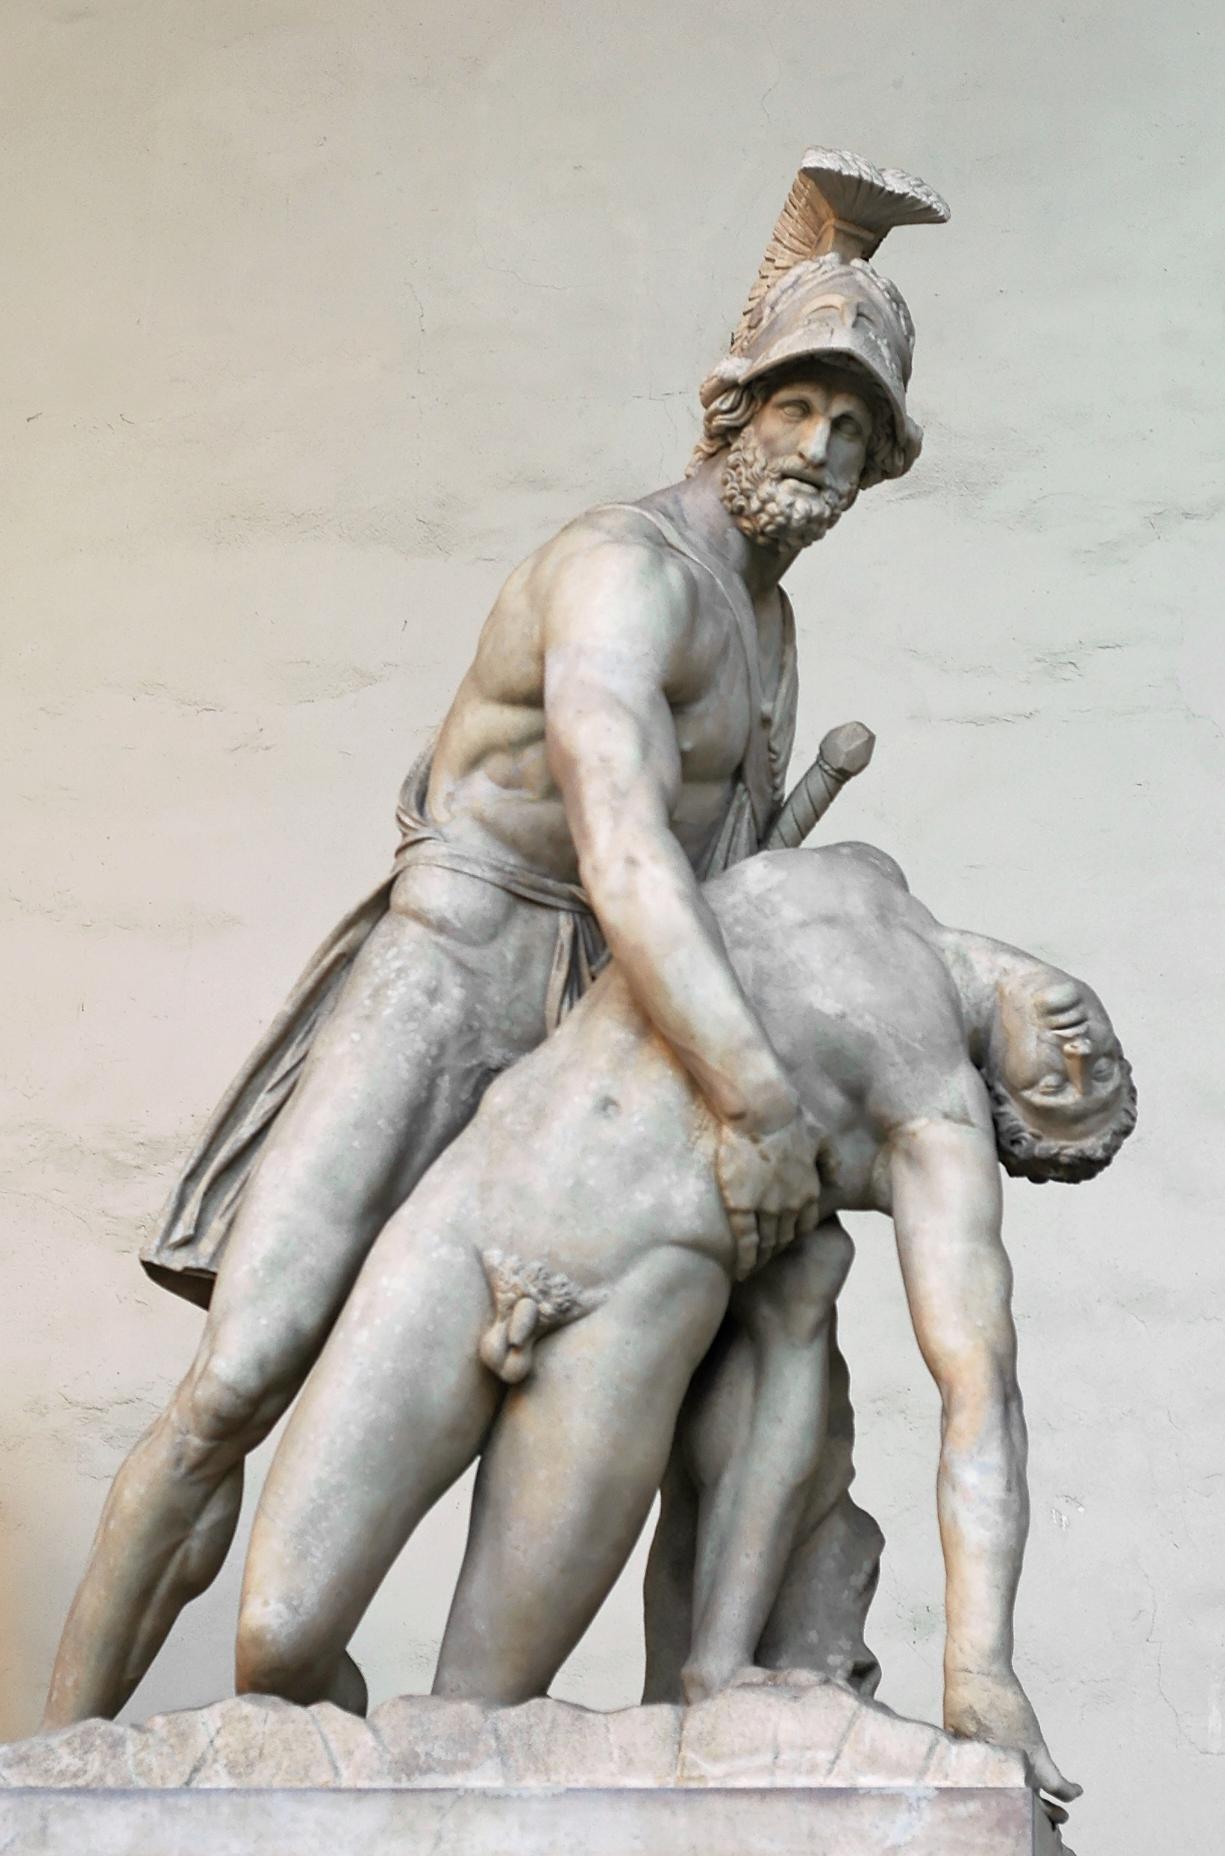 """Römische Kopie eine hellenistischen Statuengruppe (mit modernen Ergänzungen). Marmor. Florenz, Loggia dei Lanzi.<br>Quelle: <a href=""""https://commons.wikimedia.org/wiki/File:Pasquino_Group_Loggia_dei_Lanzi_2005_09_13.jpg"""">Marie-Lan Nguyen / Wikimedia Commons</a><br> Lizenz: <a href=""""https://creativecommons.org/licenses/by/2.5/deed.de"""">Creative Commons BY 2.5 Generic</a>"""